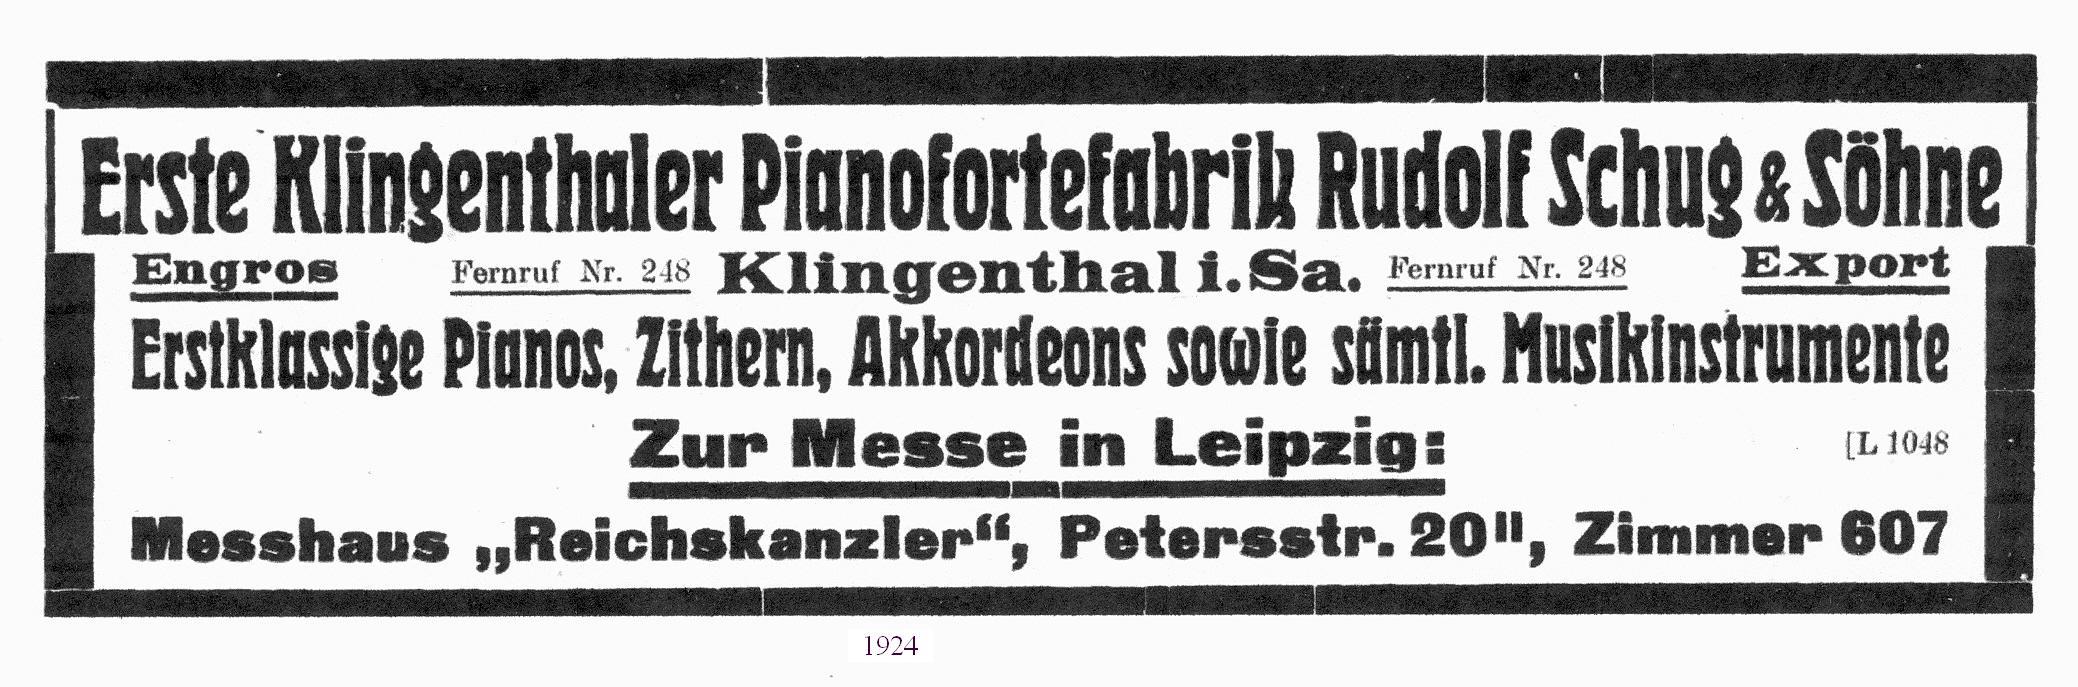 Fa. Schug Anzeige von 1924